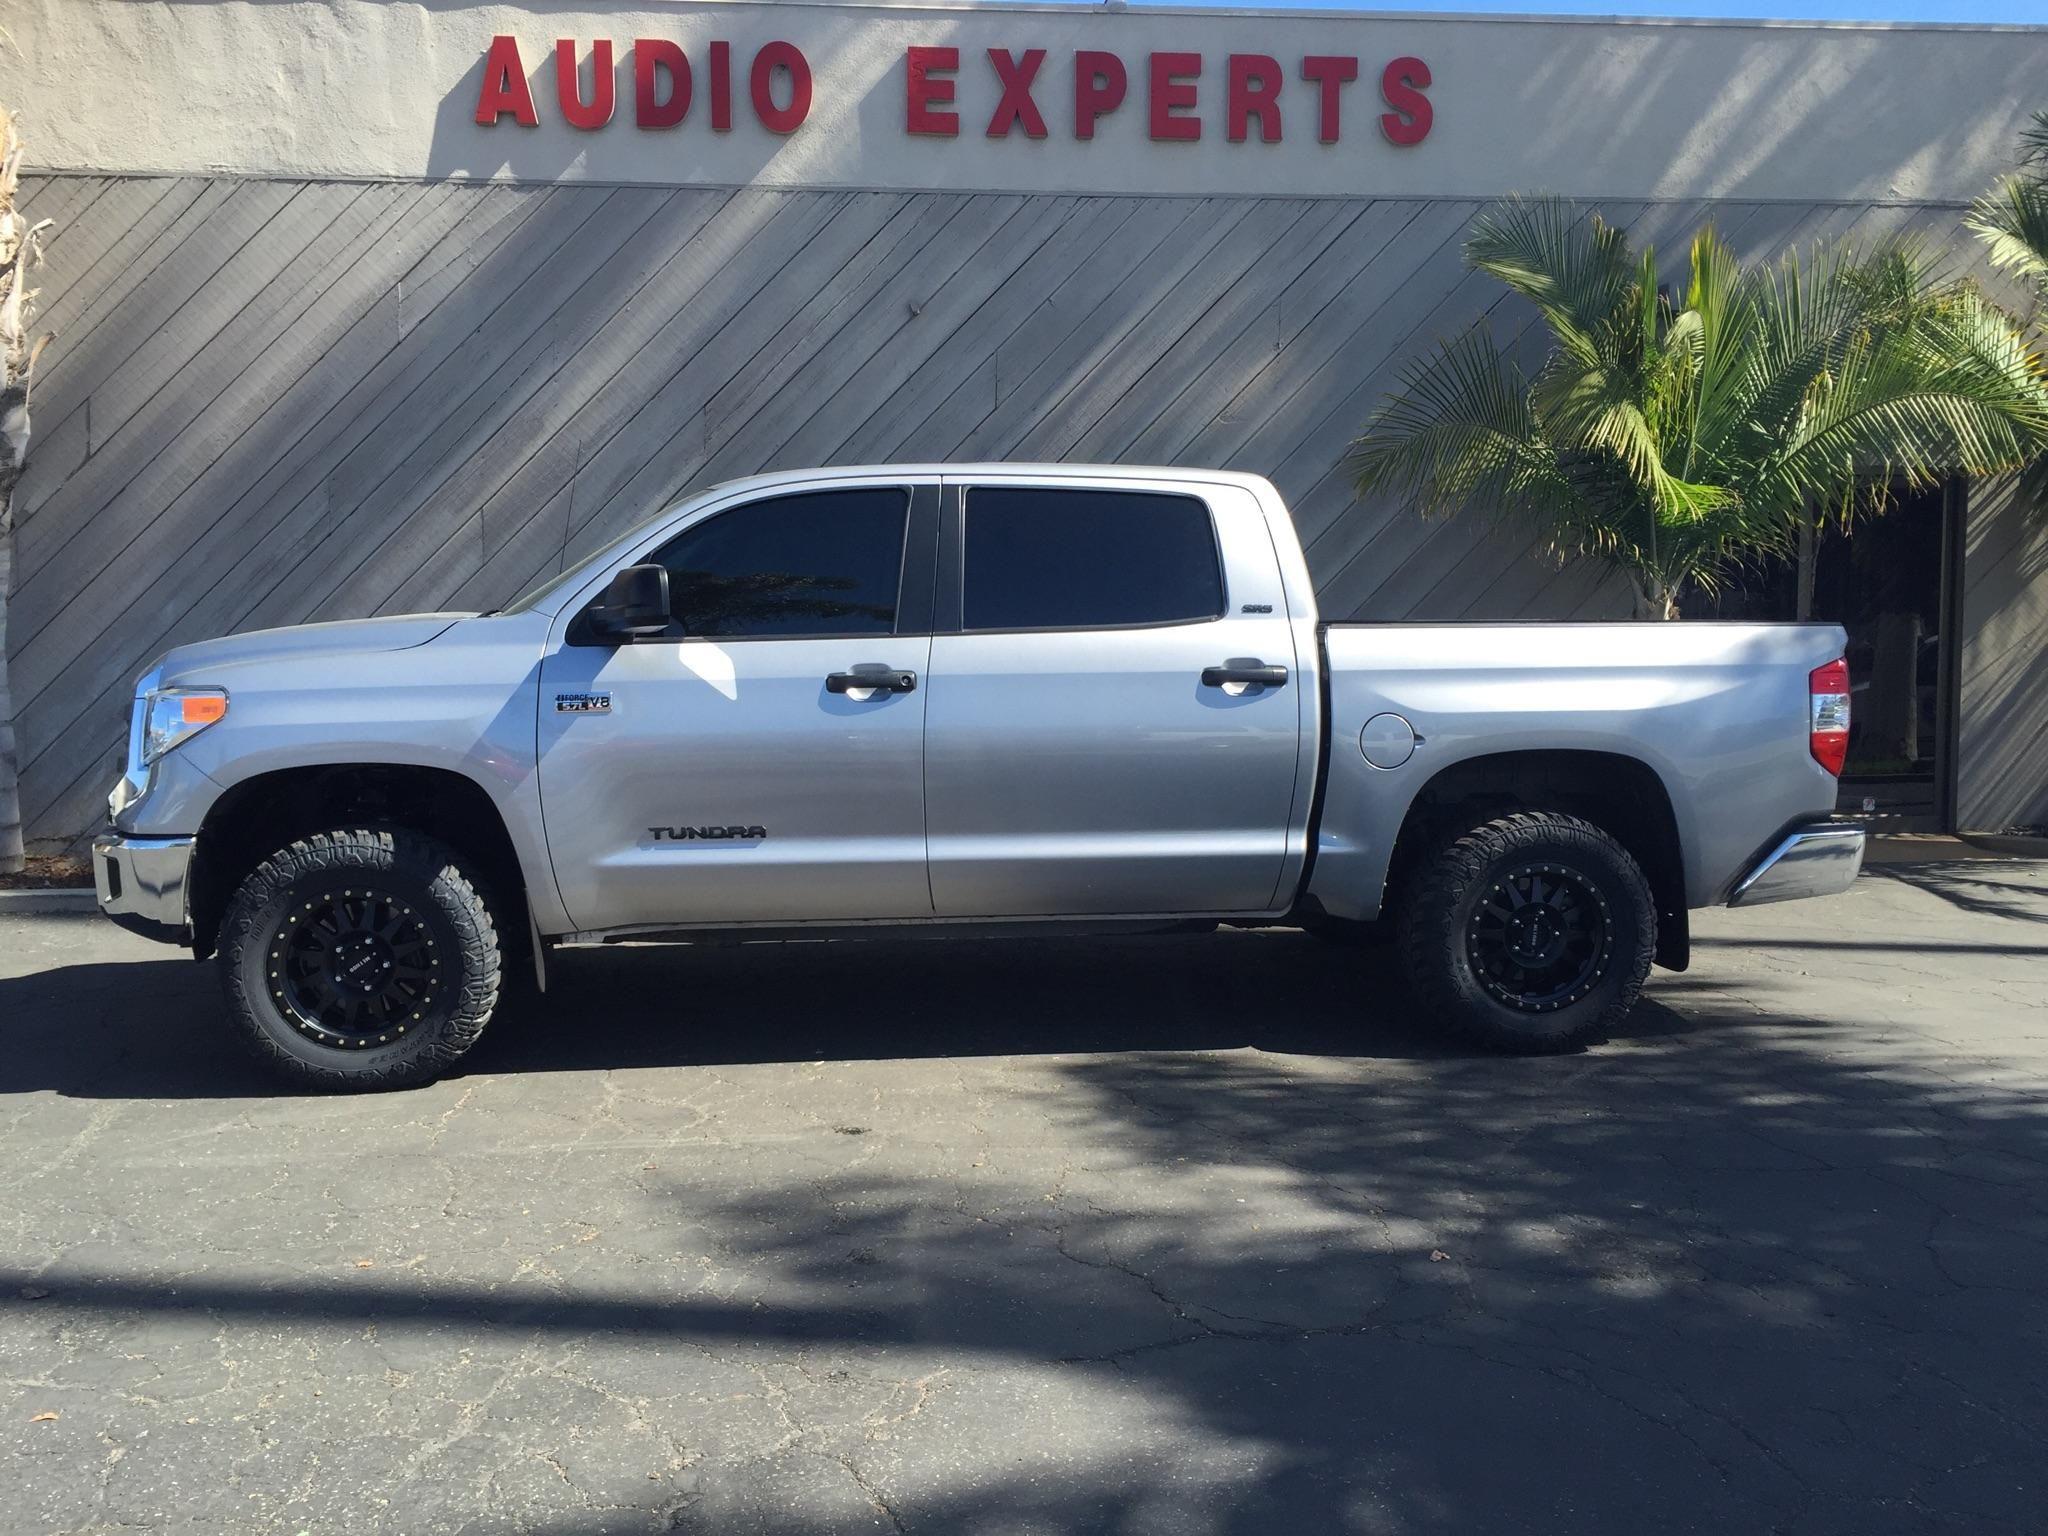 2015 Toyota Tundra Window Tint #AudioExpertsVentura #AudioExperts #AudioVideo #CarStereo #StereosVentura #Ventura #VenturaCA #VenturaCalifornia #California #CustomAudio #WindowTint #Toyota #Tundra #ToyotaTundra